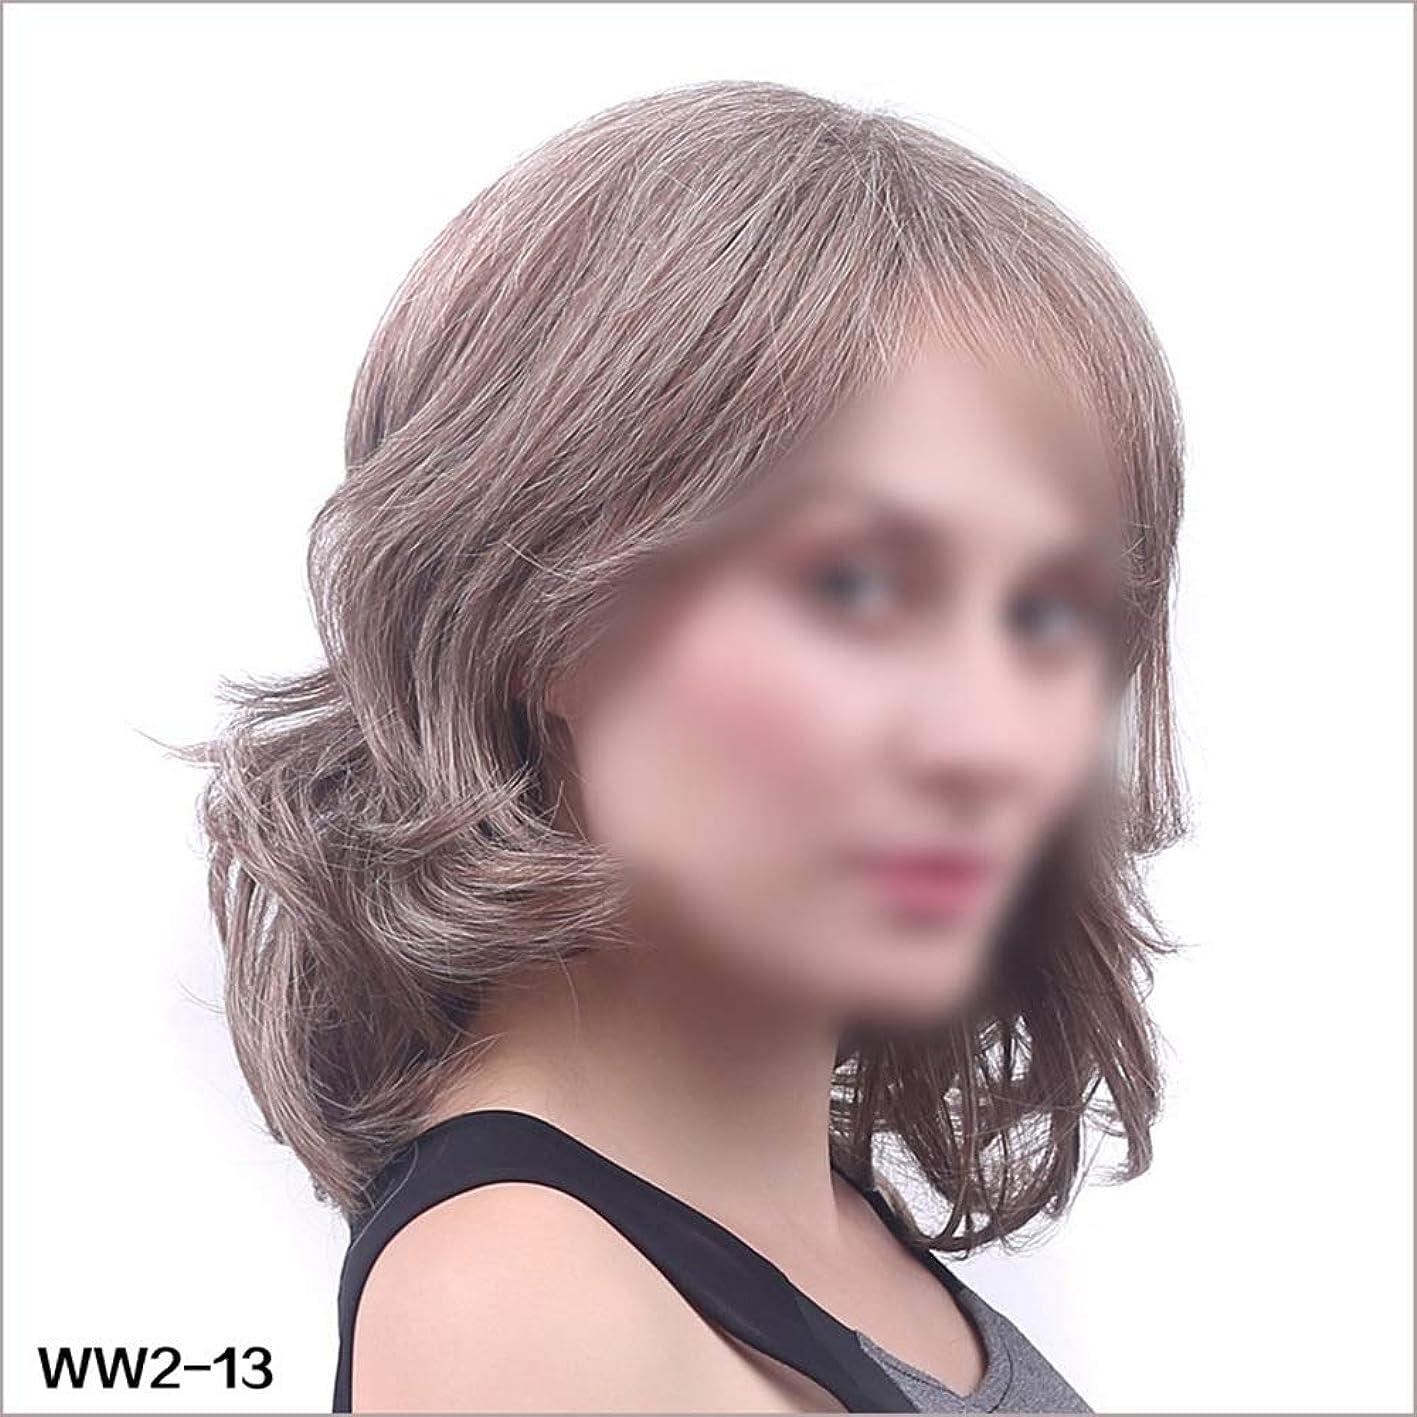 コレクションこれまで固体HOHYLLYA 新しい人気の女性の短いかつら完全な波状の巻き毛のグレーの女性用のかつらパーティーのかつら (色 : Photo color, サイズ : 45cm)